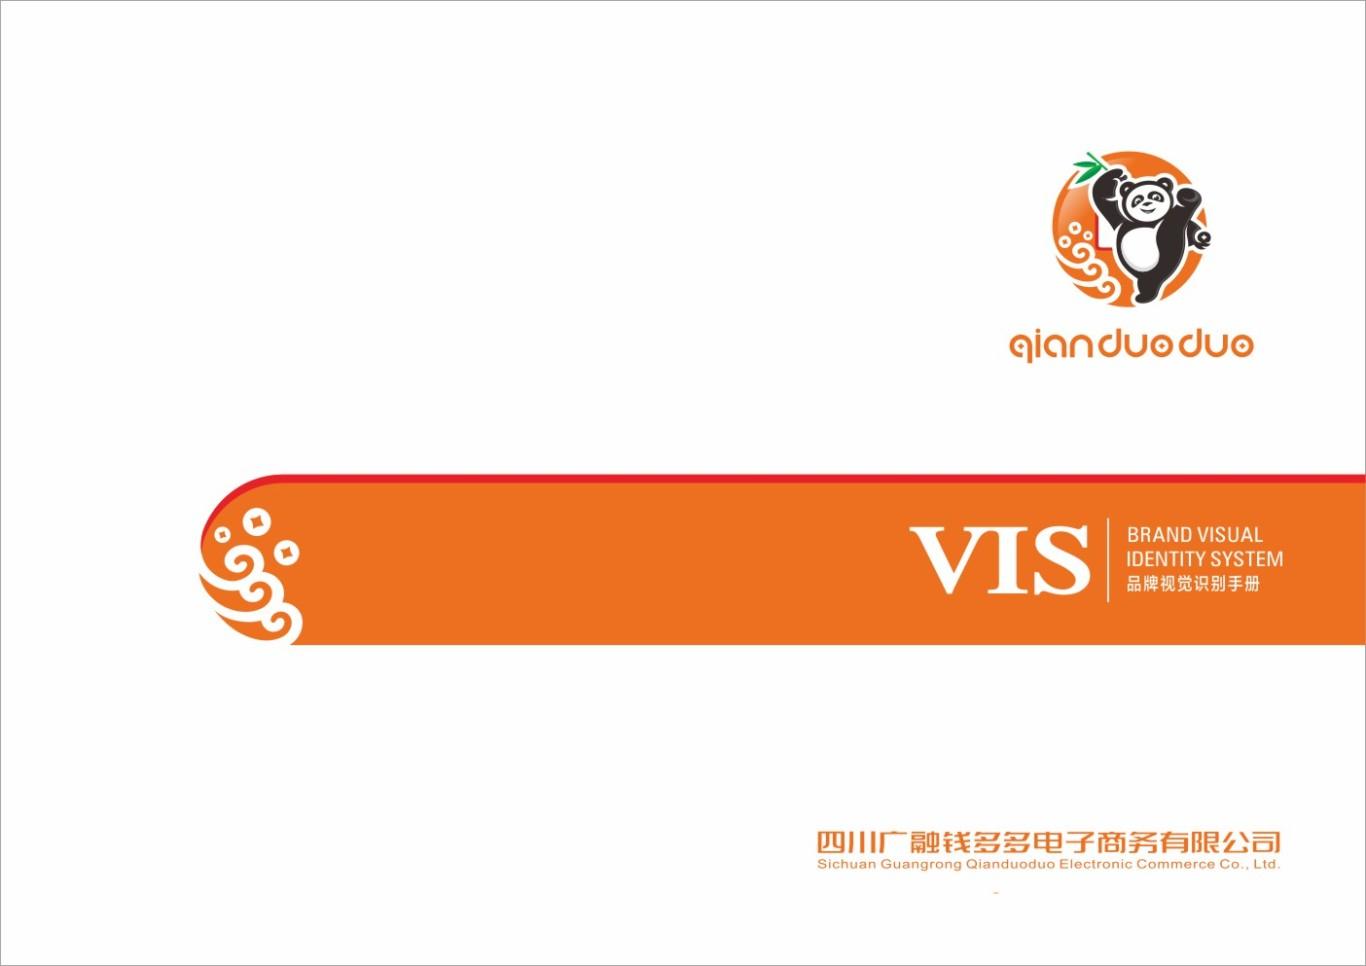 四川广融钱多多品牌及VI形象设计图0